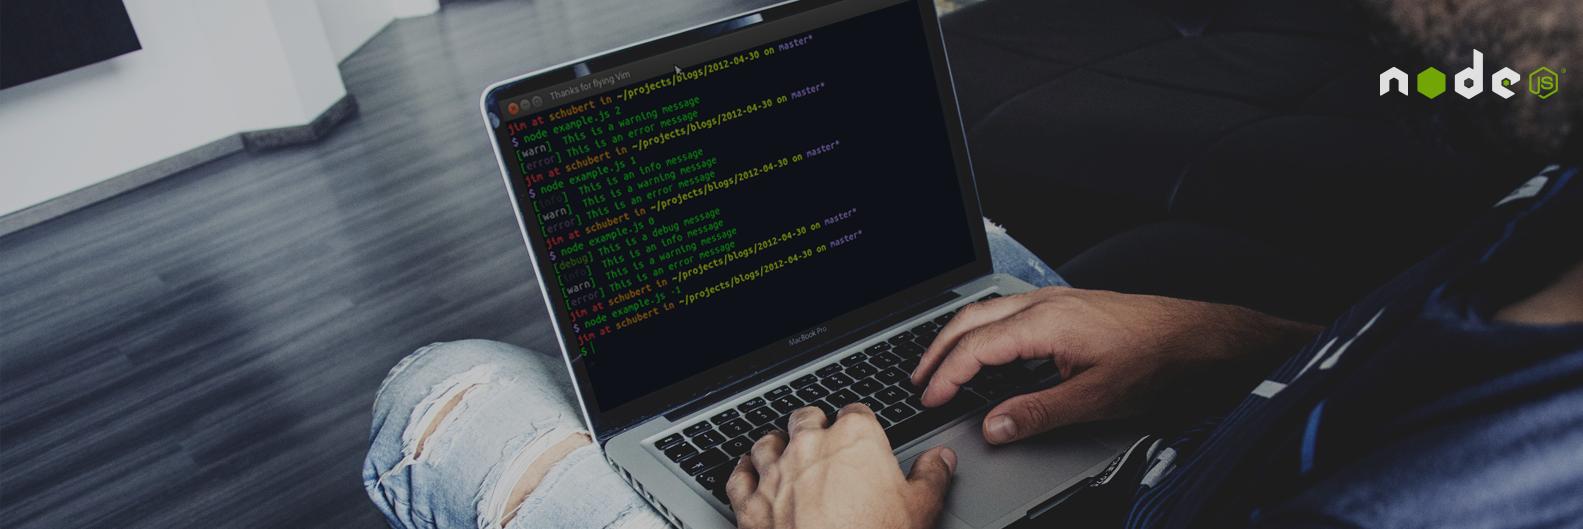 Major 6 Node Js Frameworks You Need to Consider